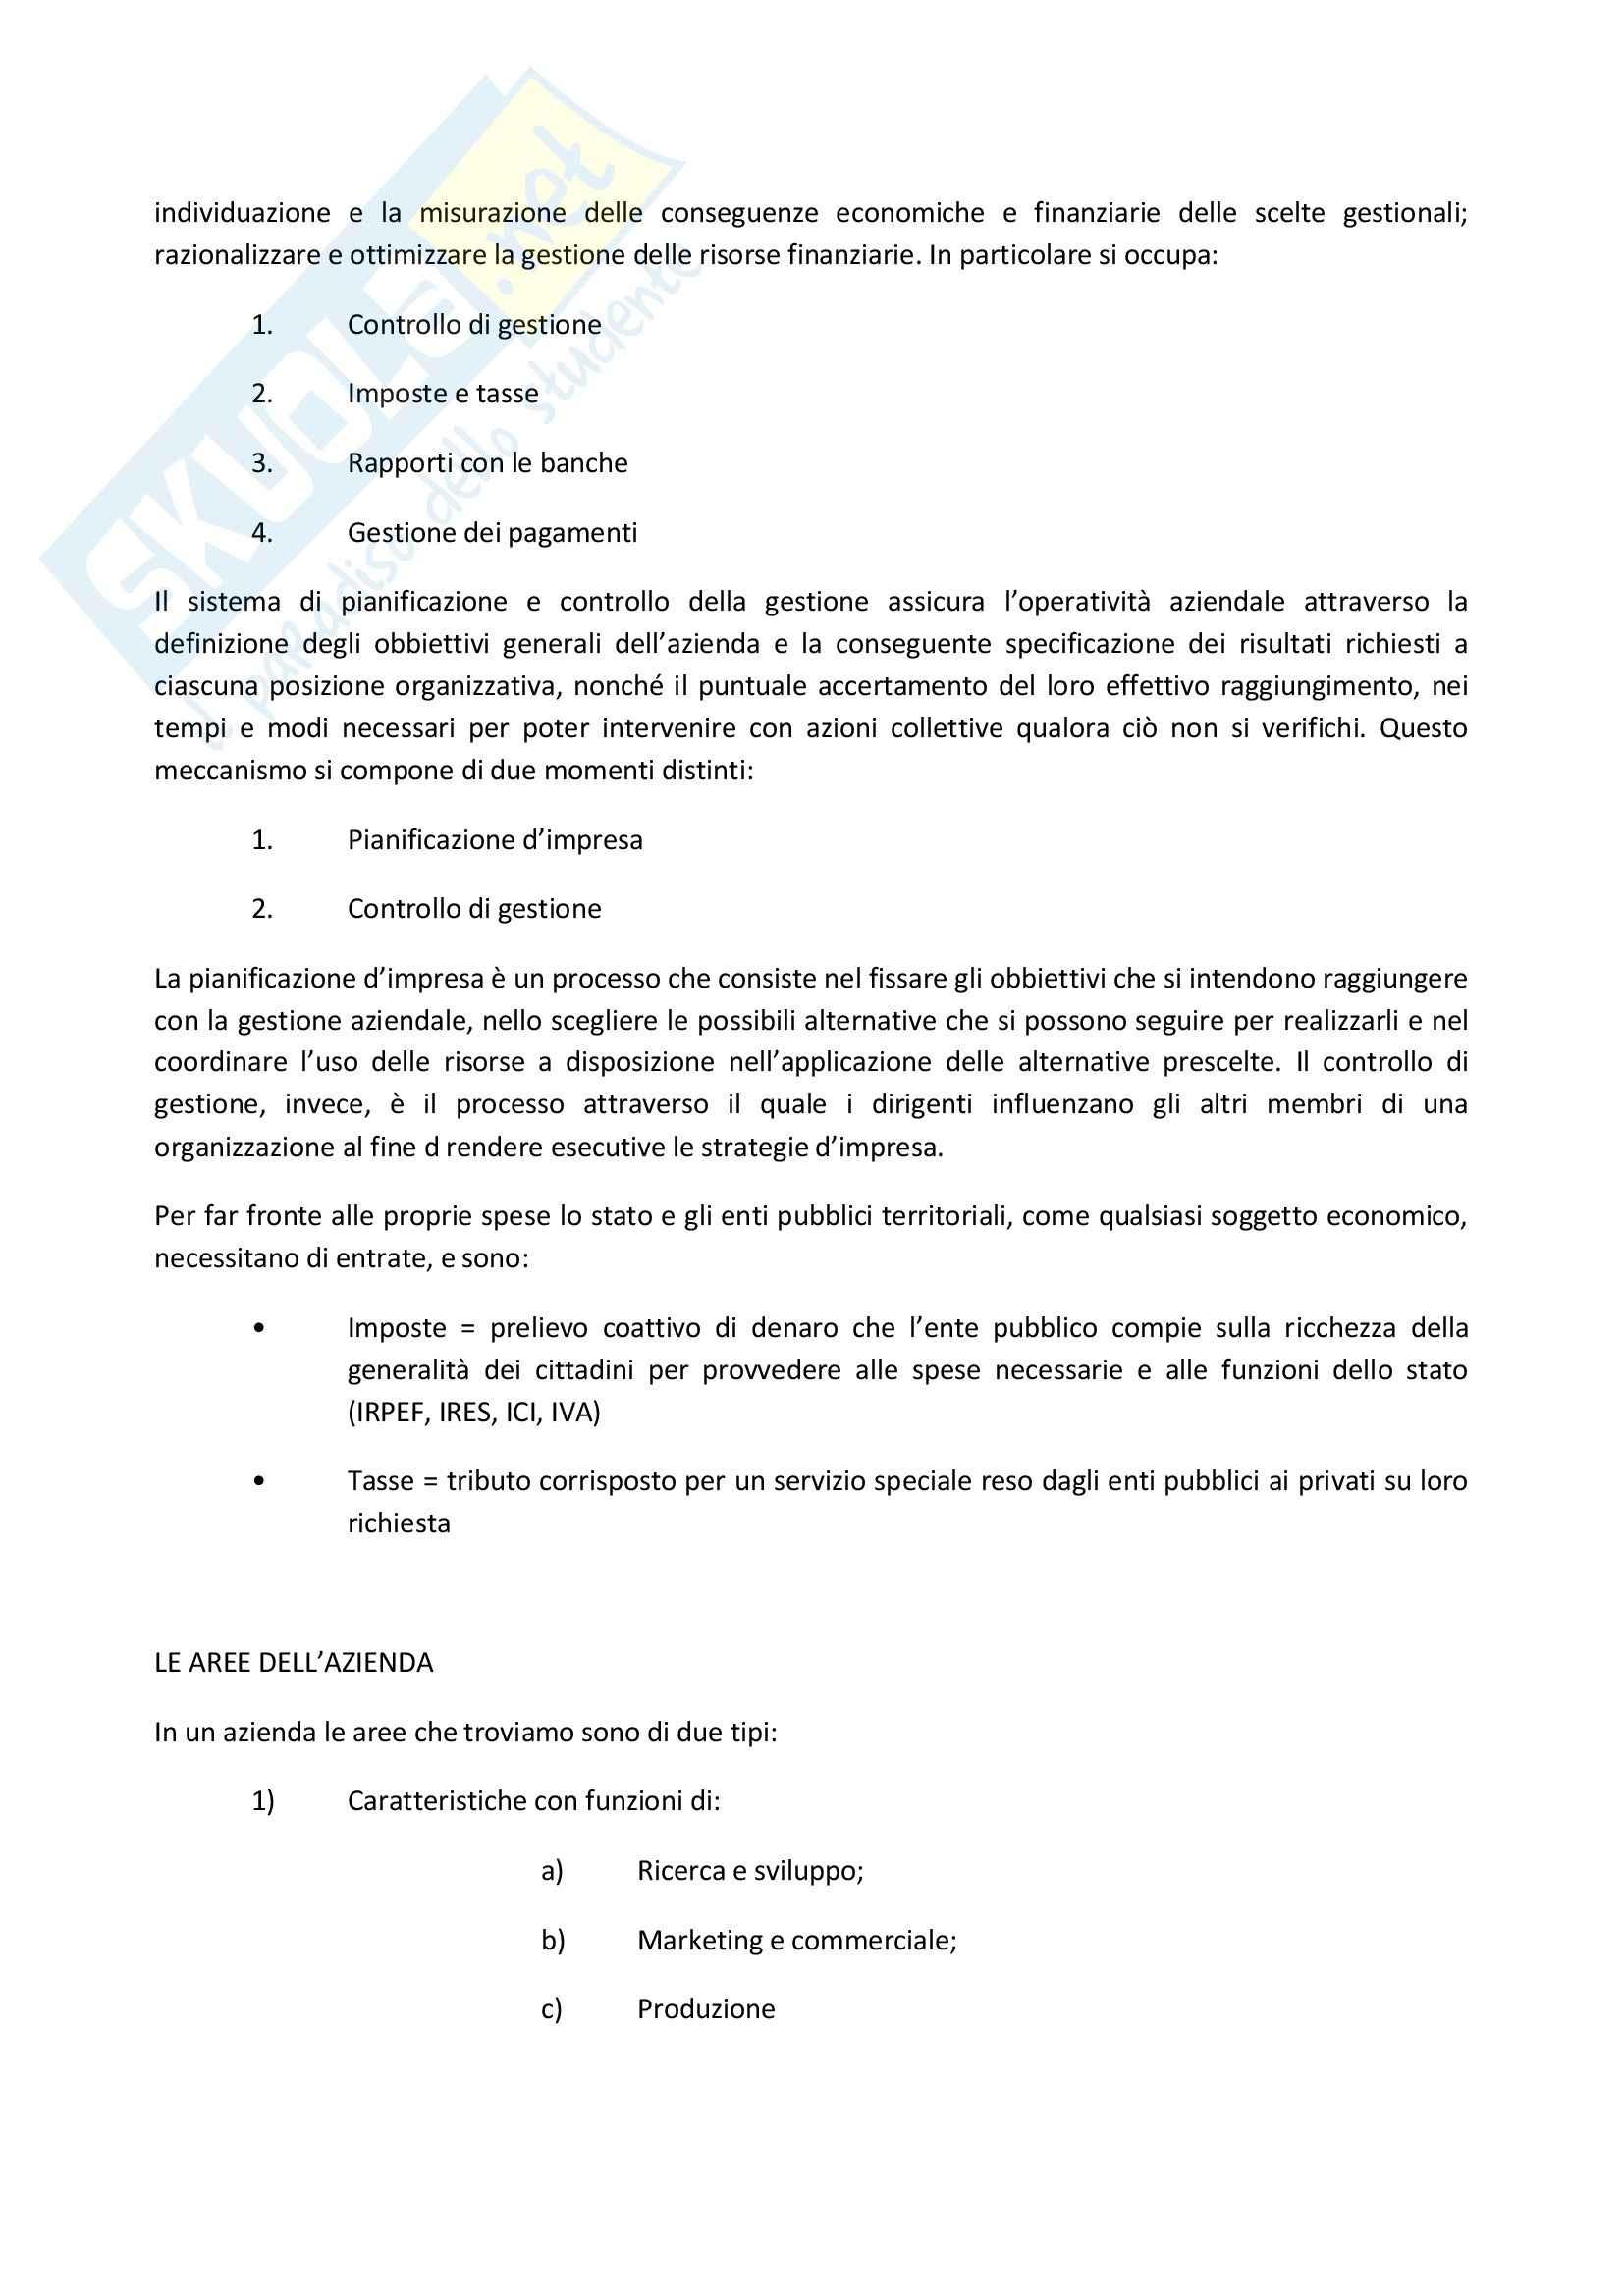 Riassunto esame degli Appunti di Economia aziendale, prof. Gandini Pag. 6